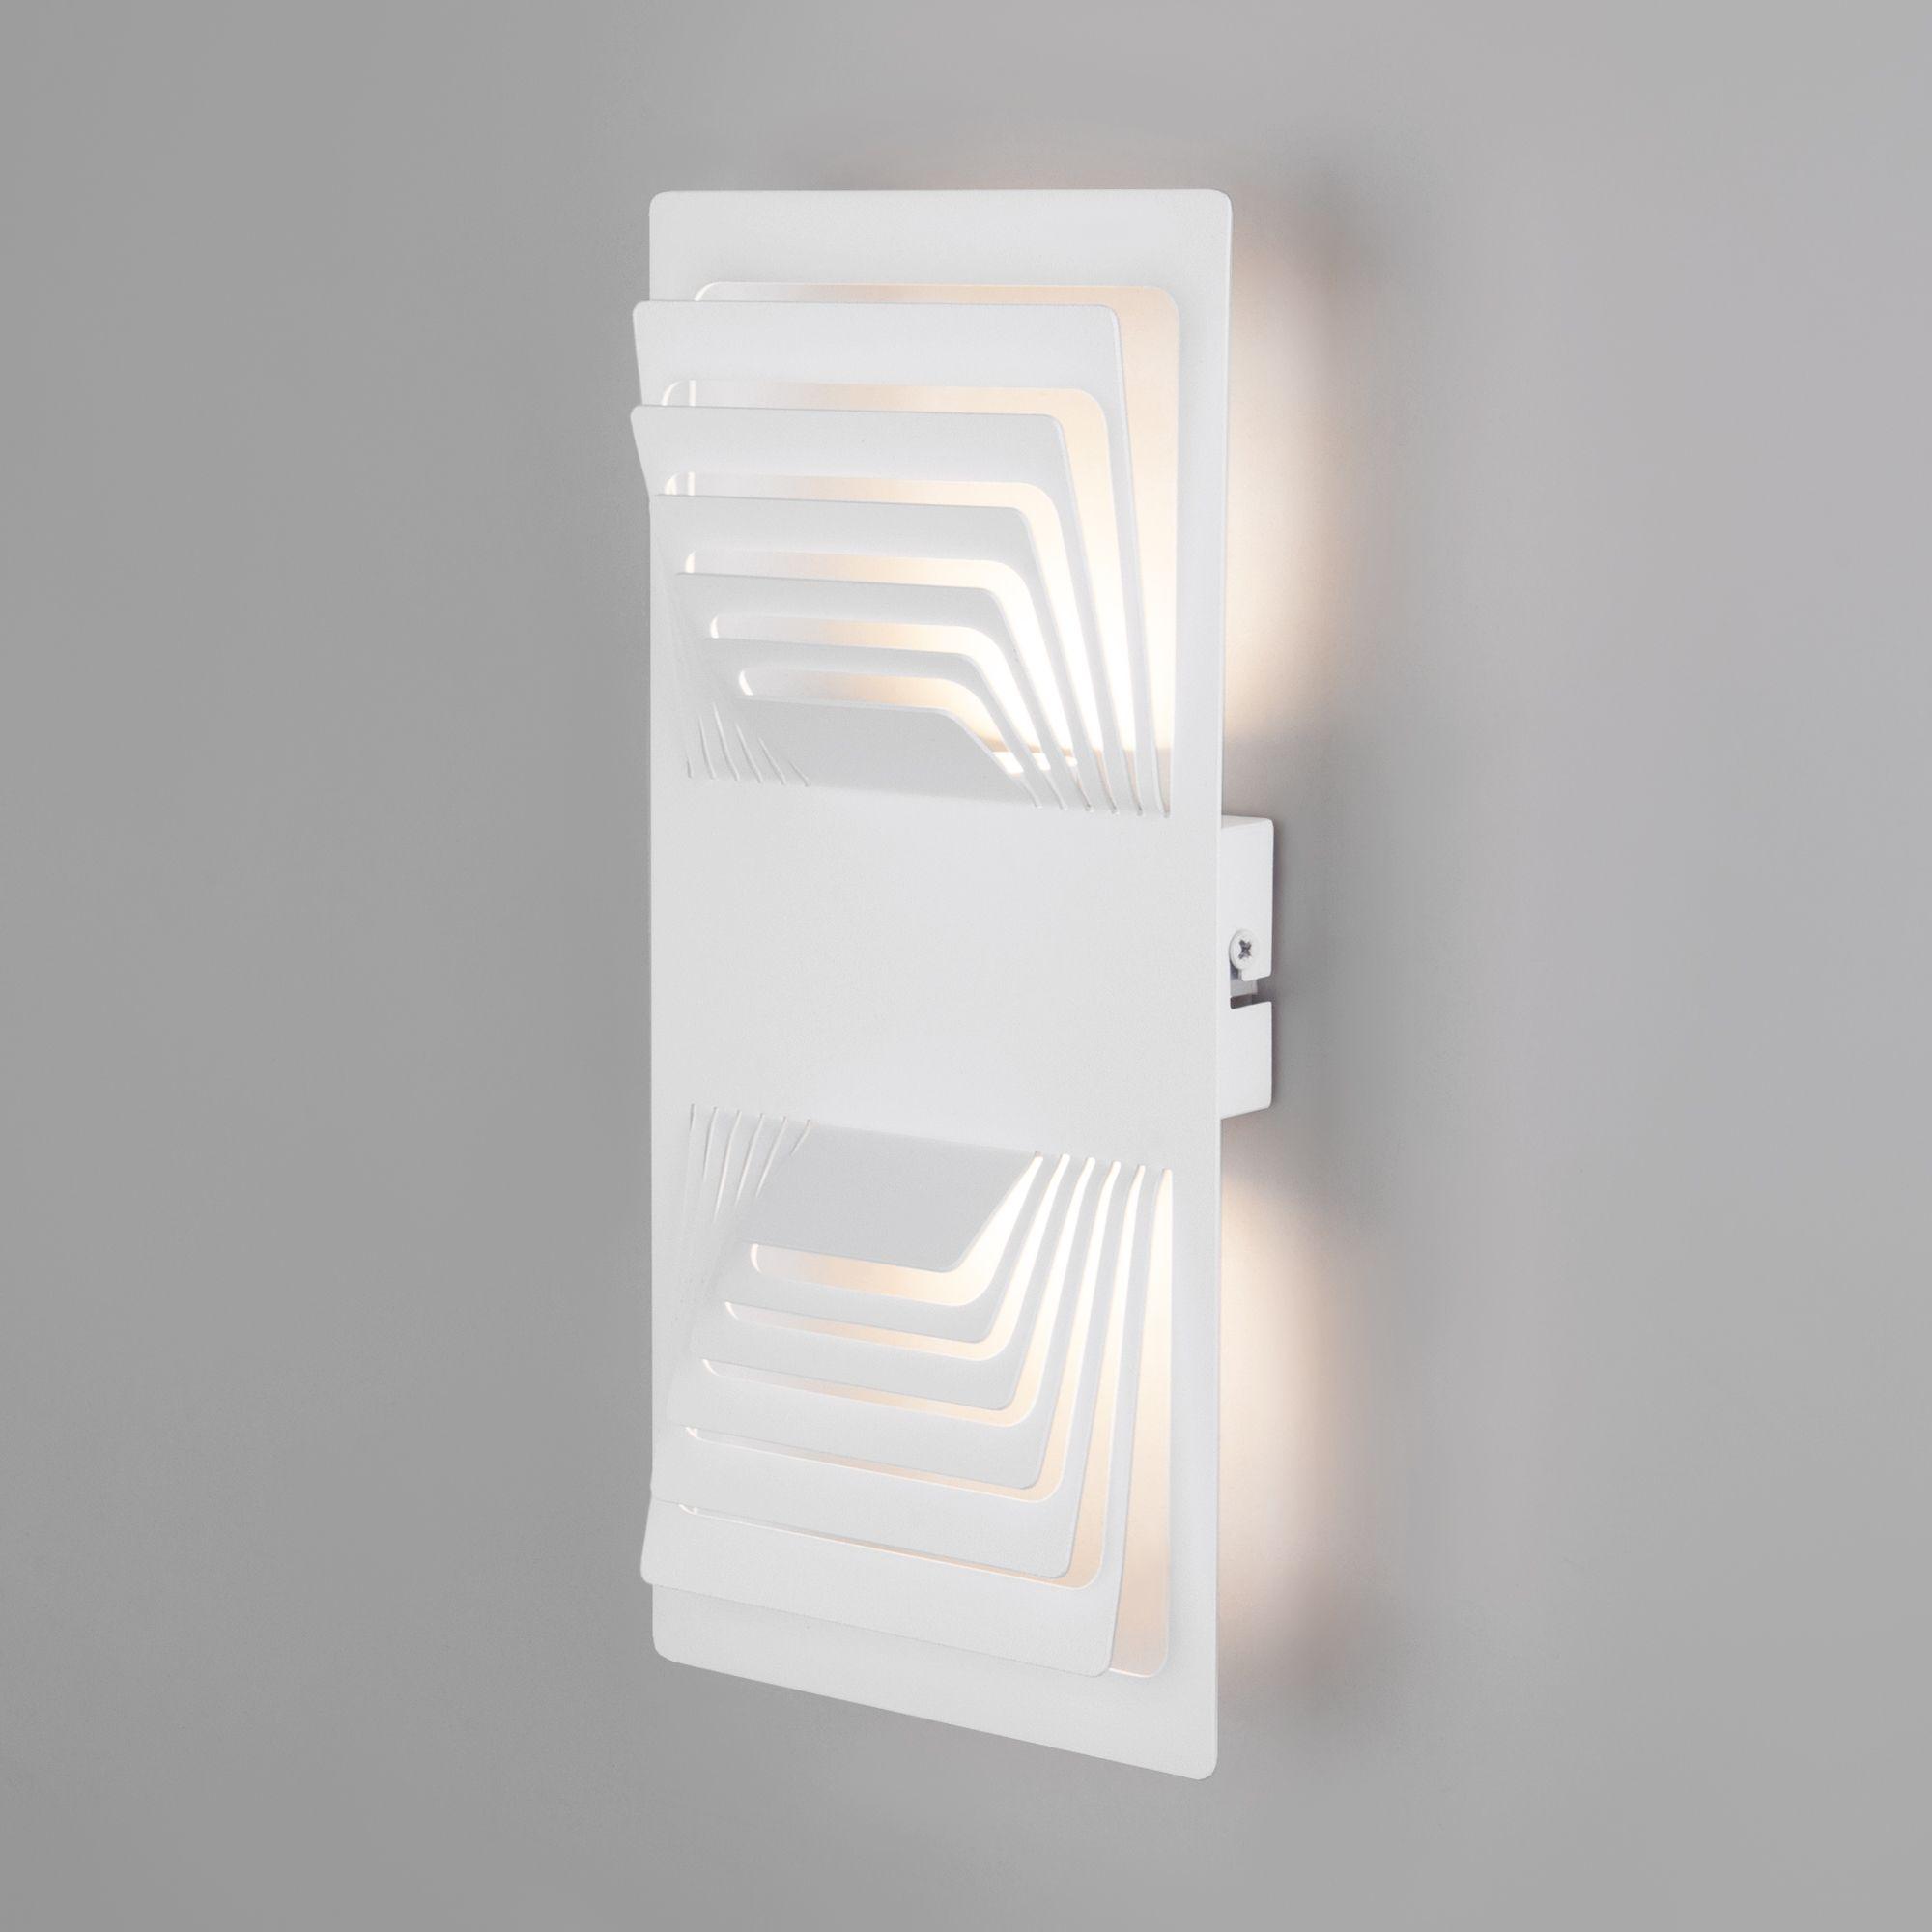 Настенный светодиодный светильник Onda LED MRL LED 1025 белый